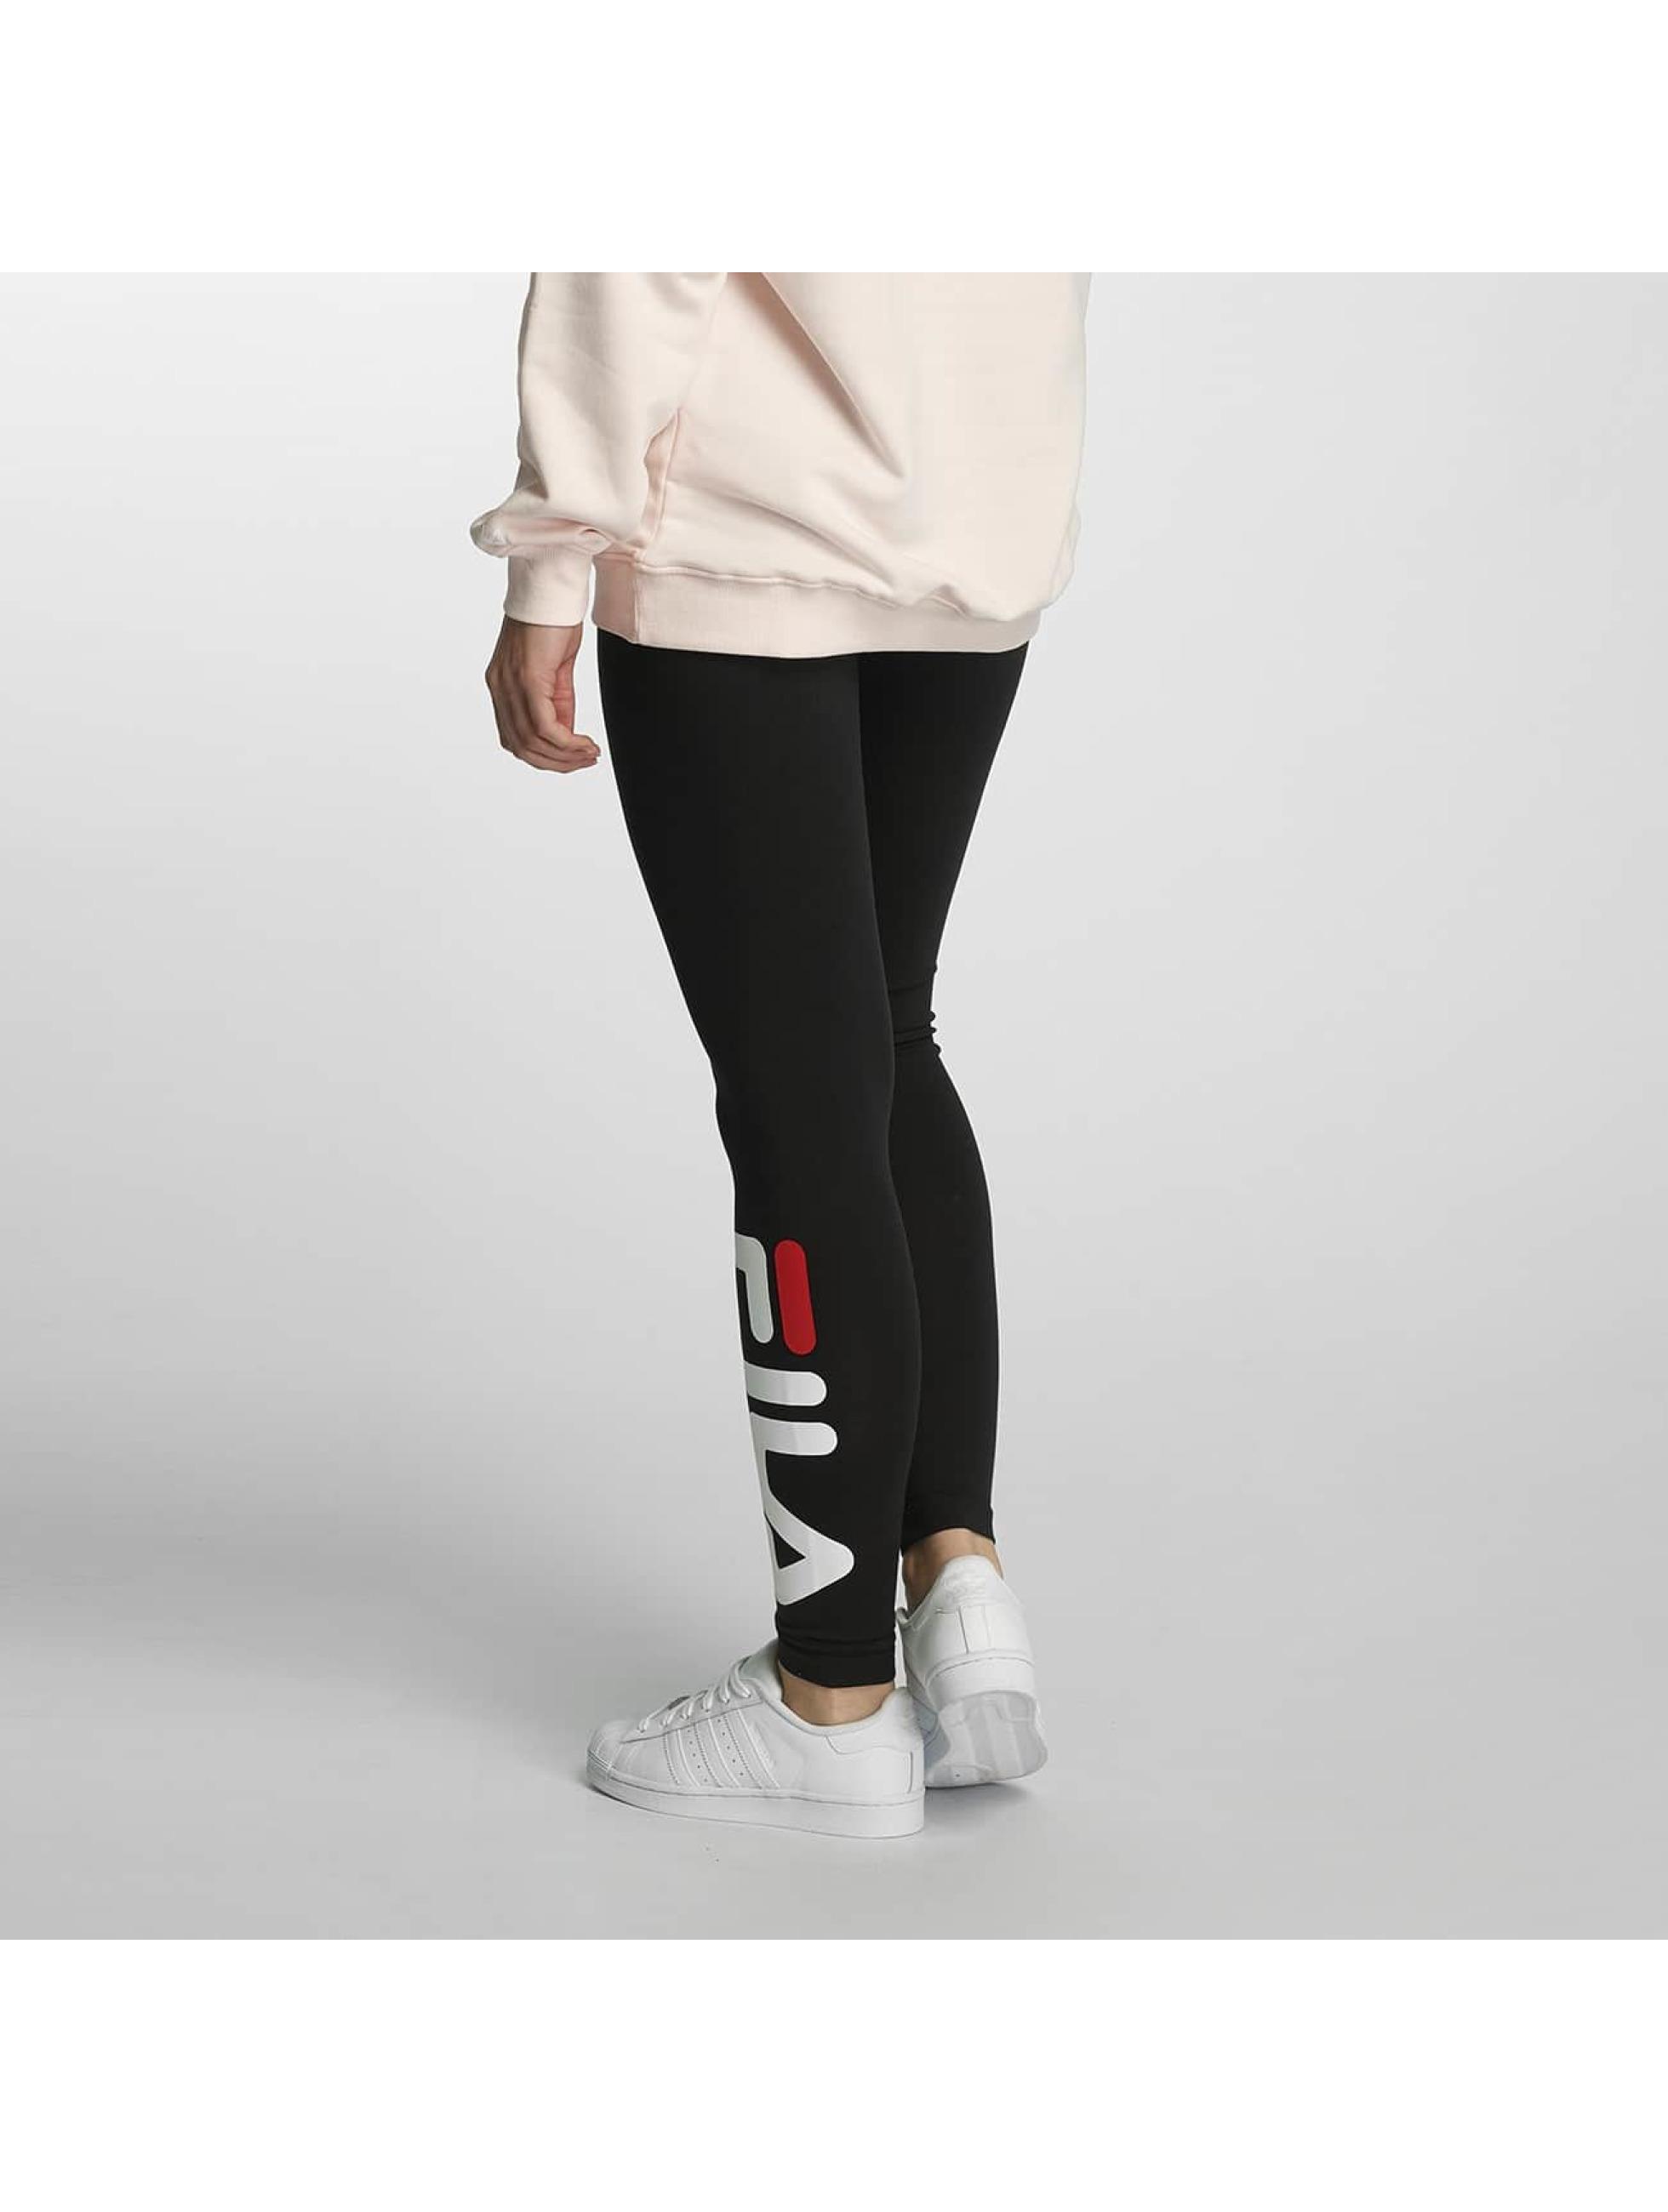 FILA Legging/Tregging Urban Line Flex negro